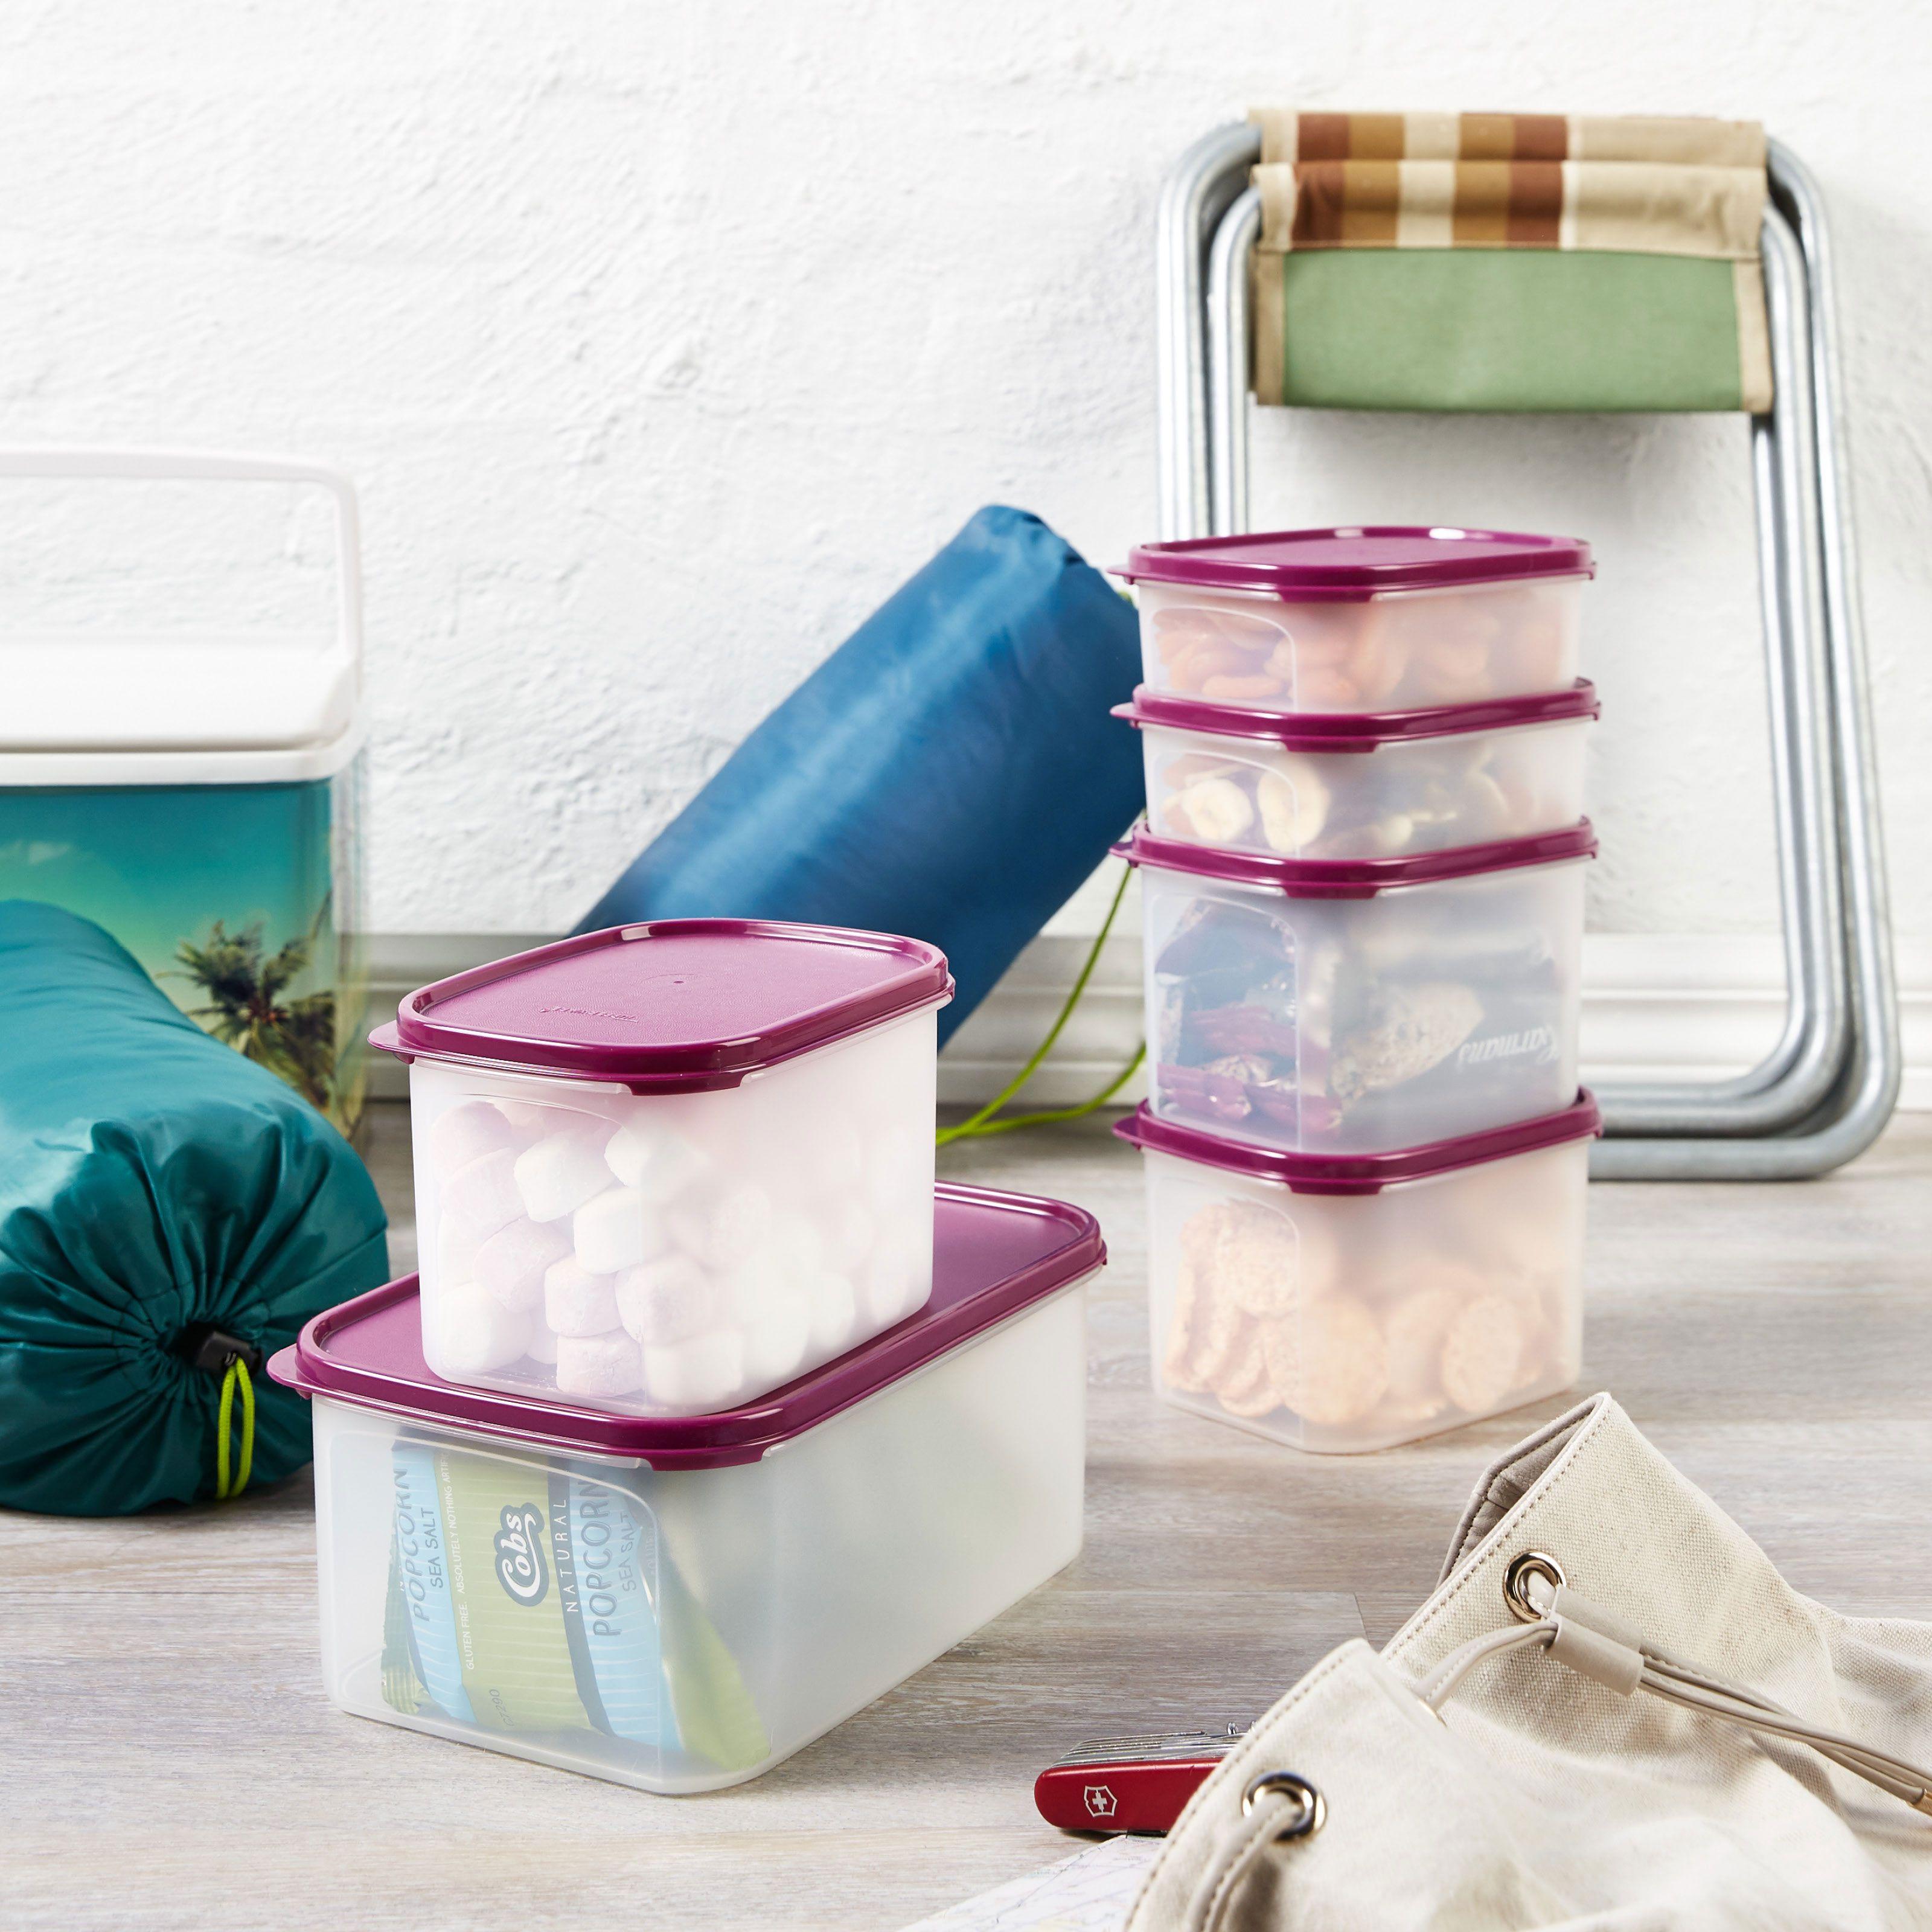 modular mates home away set tupperware organizing pantry organisation tupperware on kitchen organization tupperware id=16479